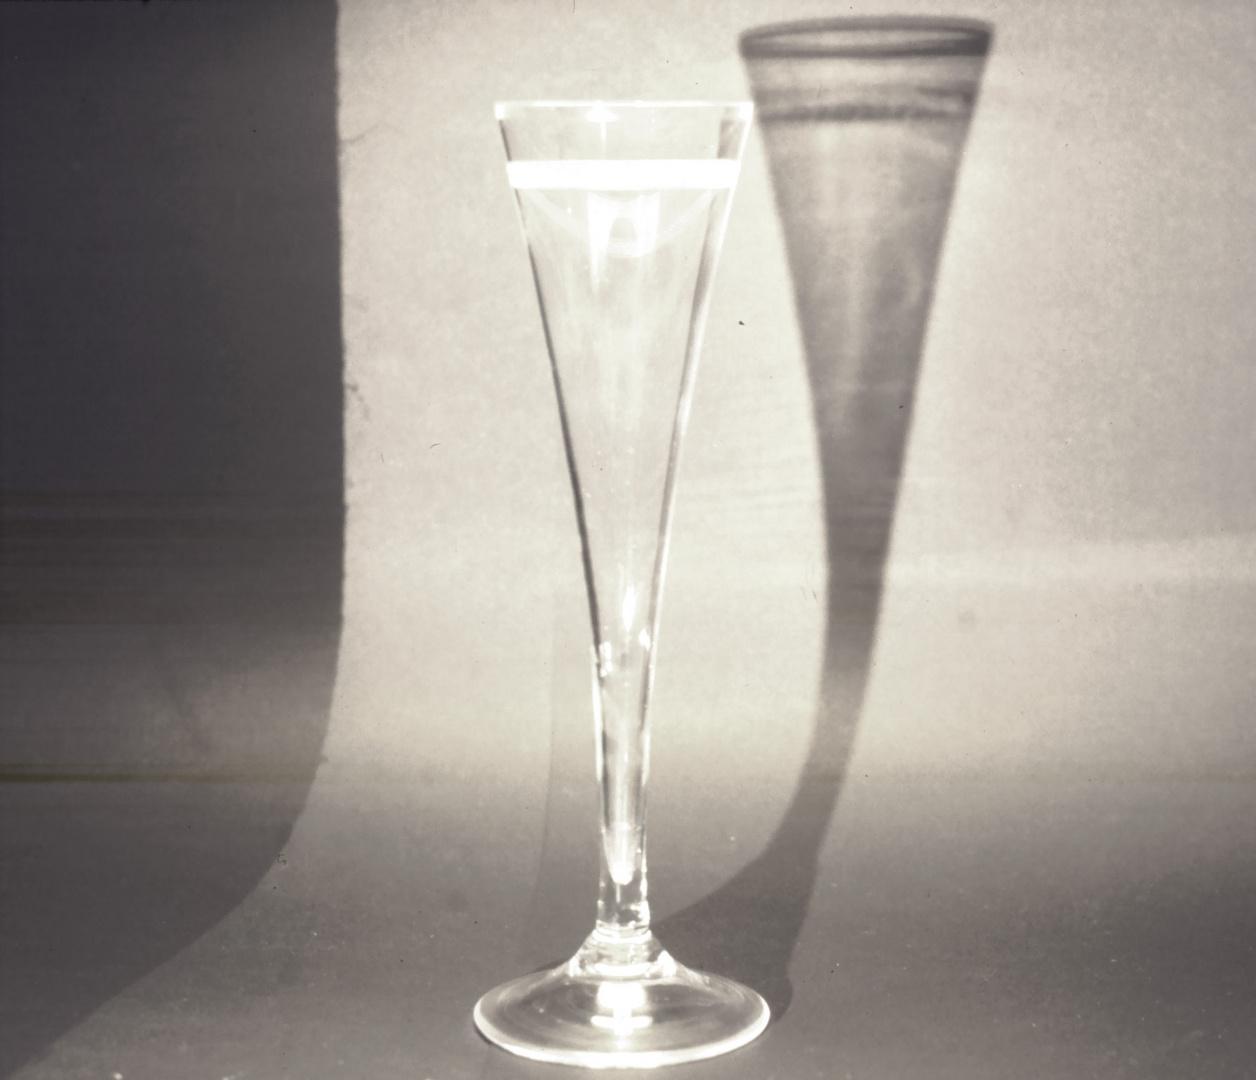 Sektglas im Licht